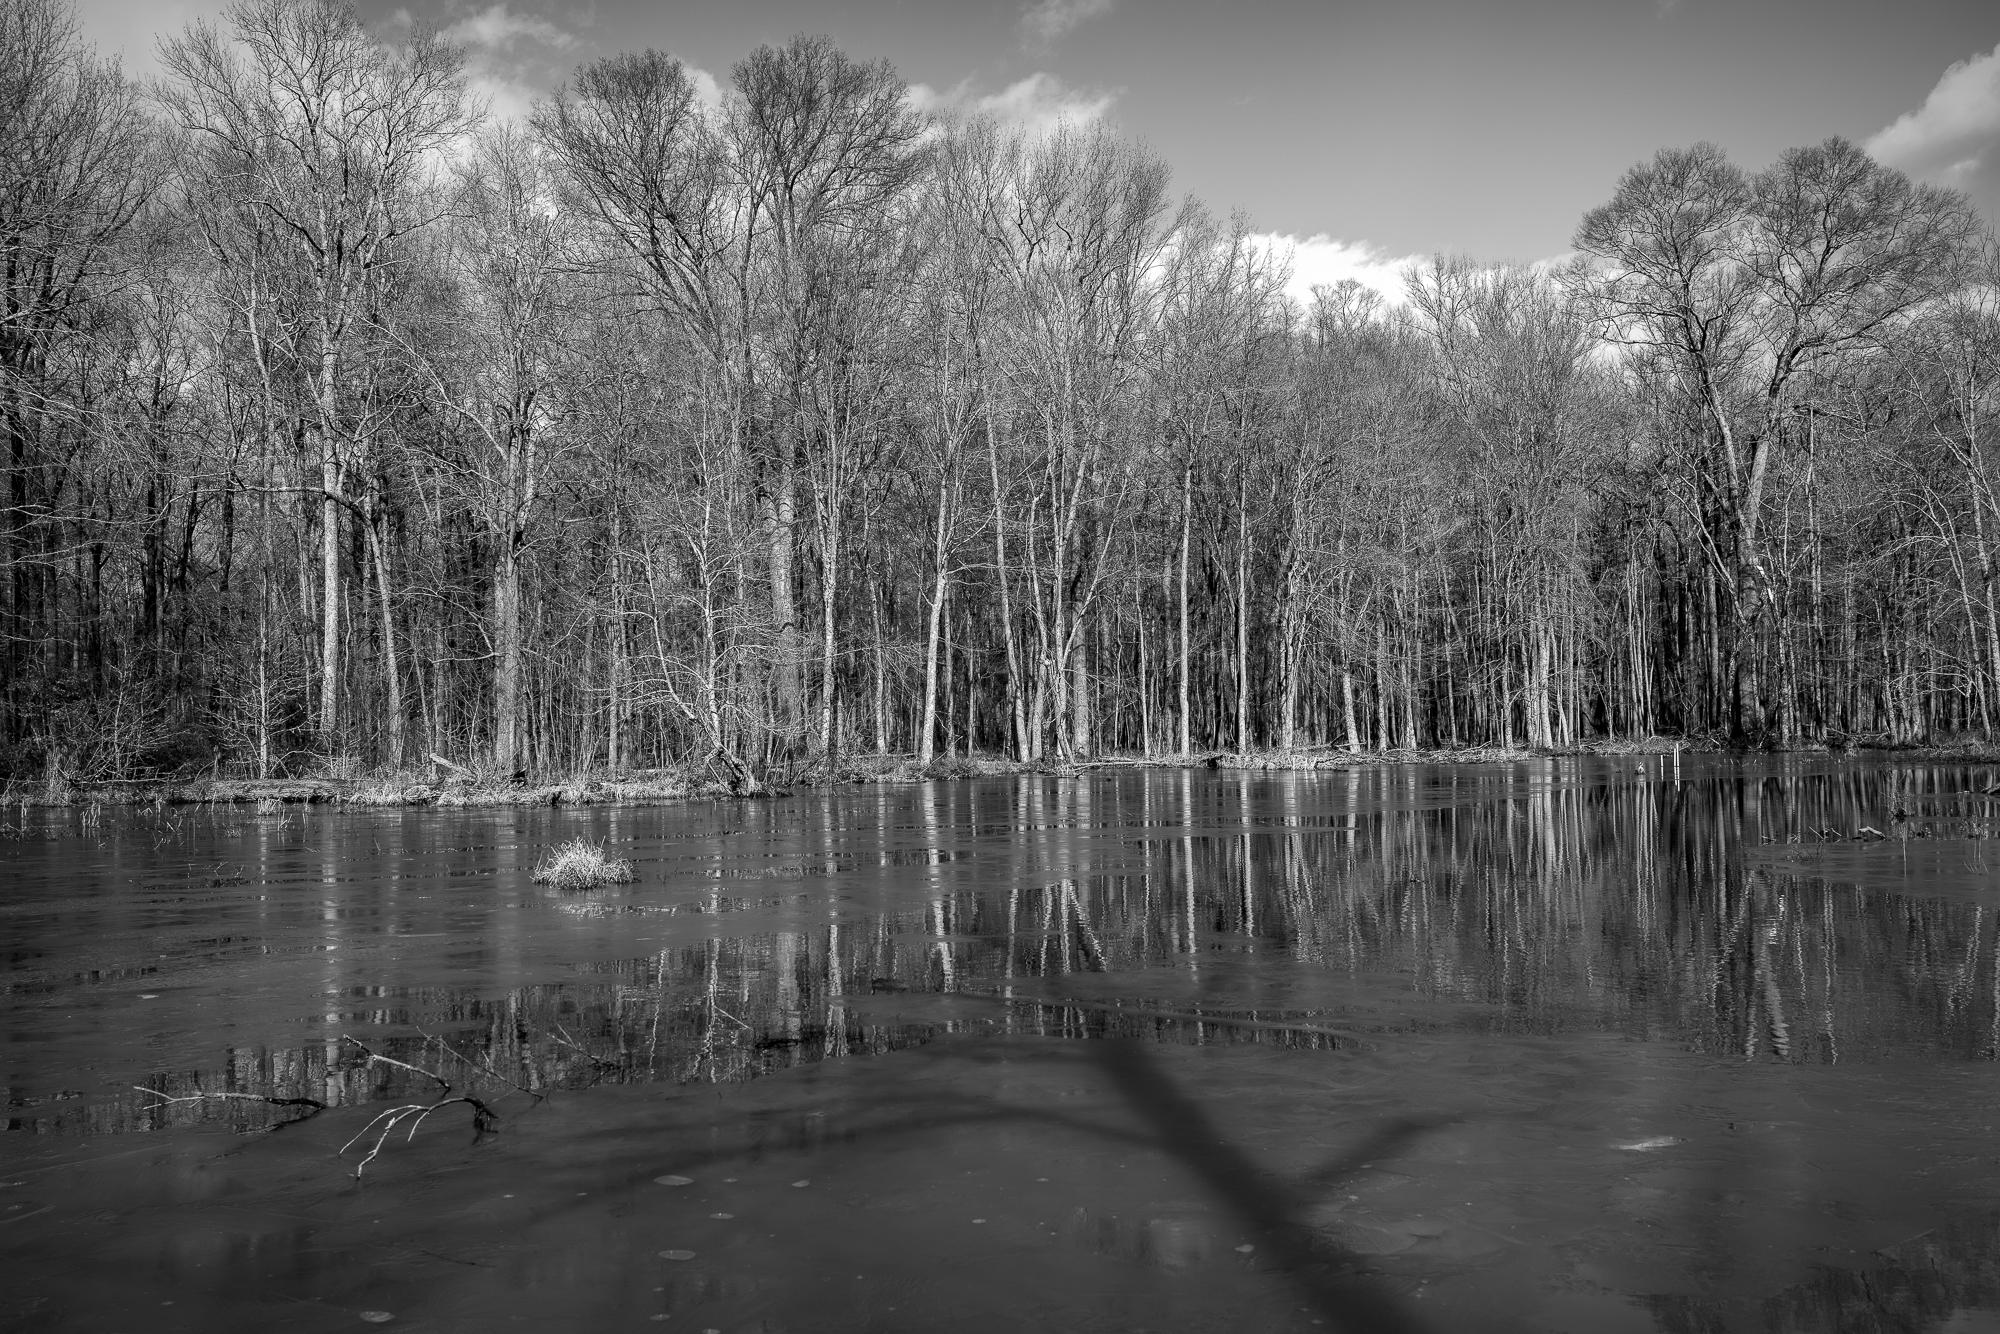 Frozen Huntley Meadows Park in February 2019